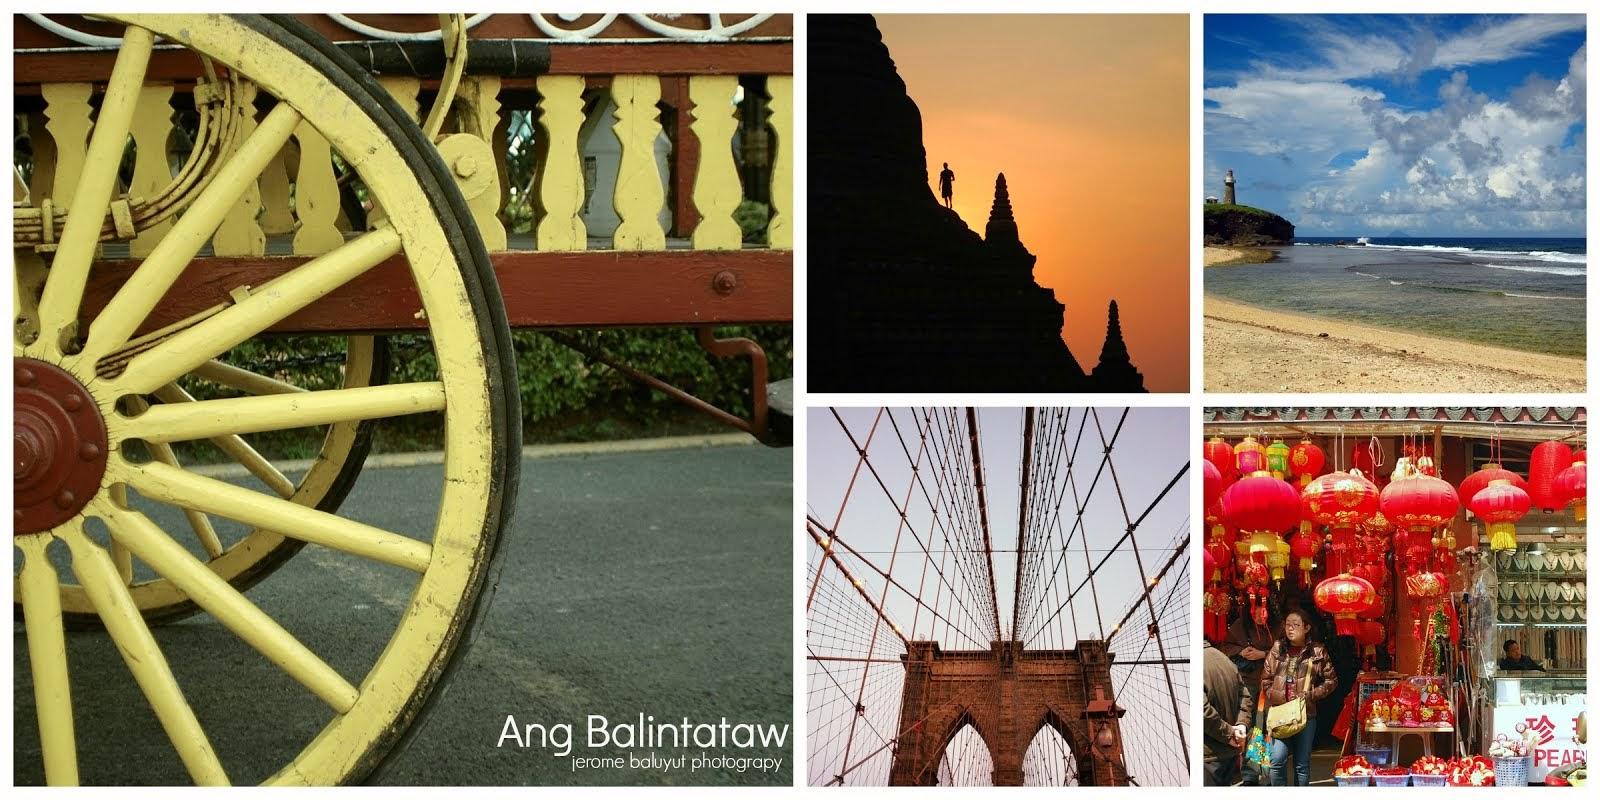 Ang Balintataw